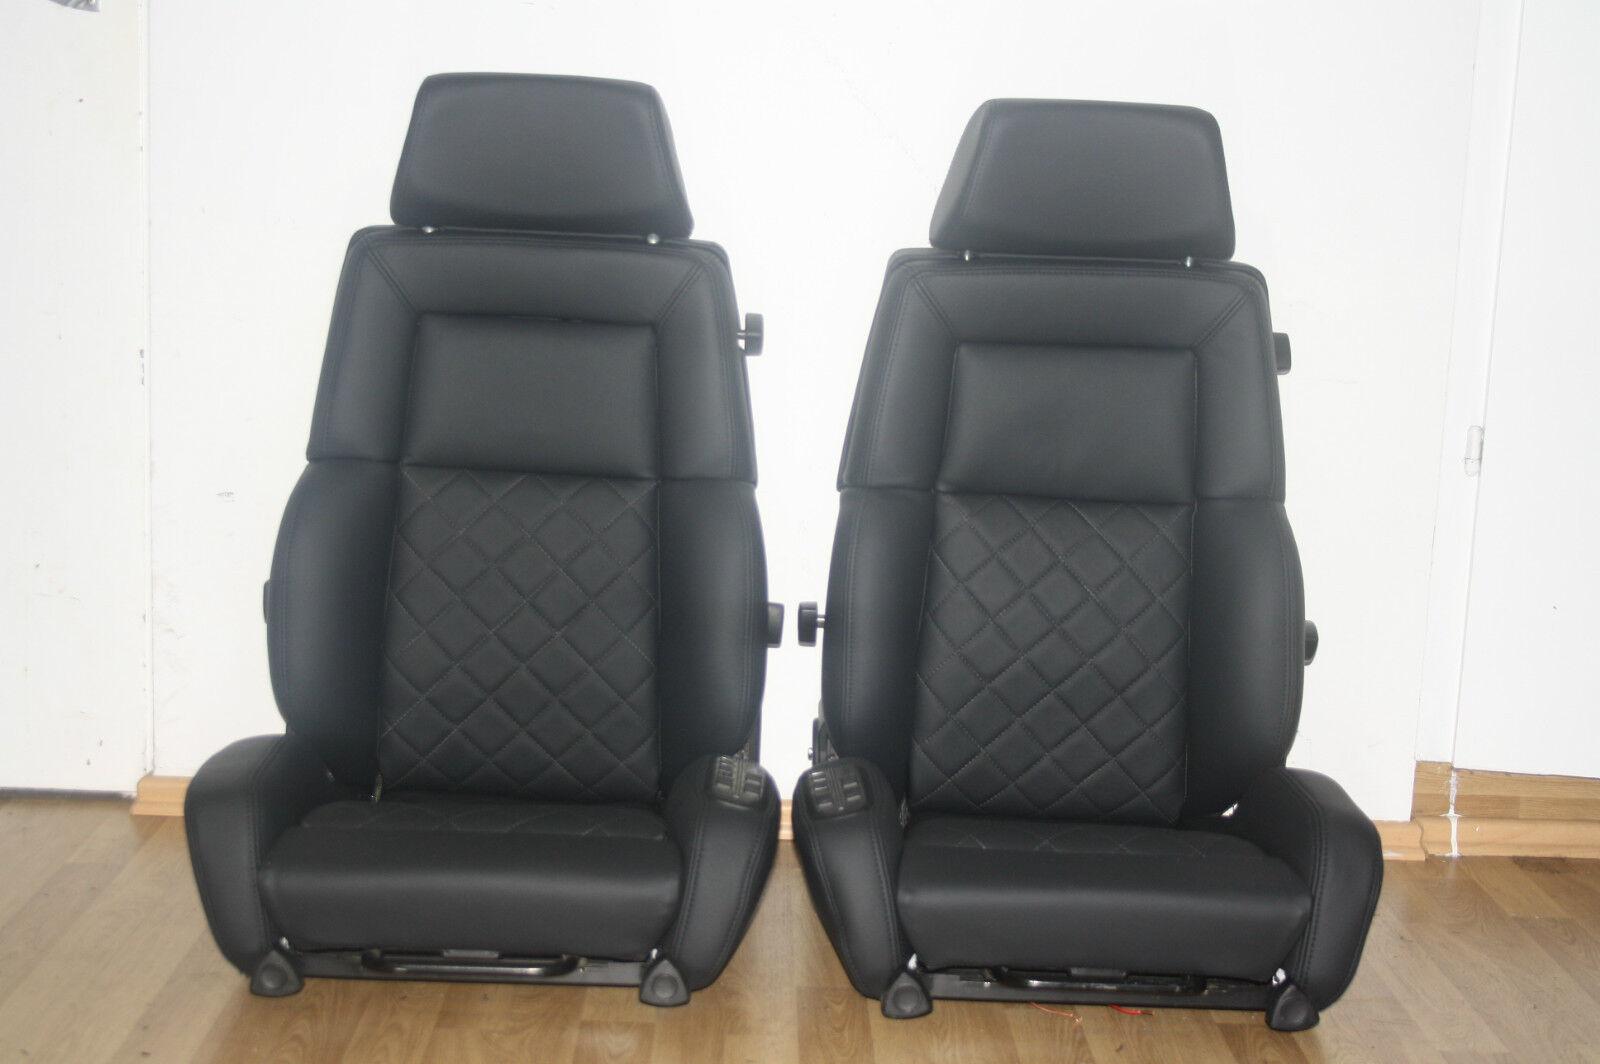 2 recaro c classic mercedes r107 sitze leder neu bezogen. Black Bedroom Furniture Sets. Home Design Ideas